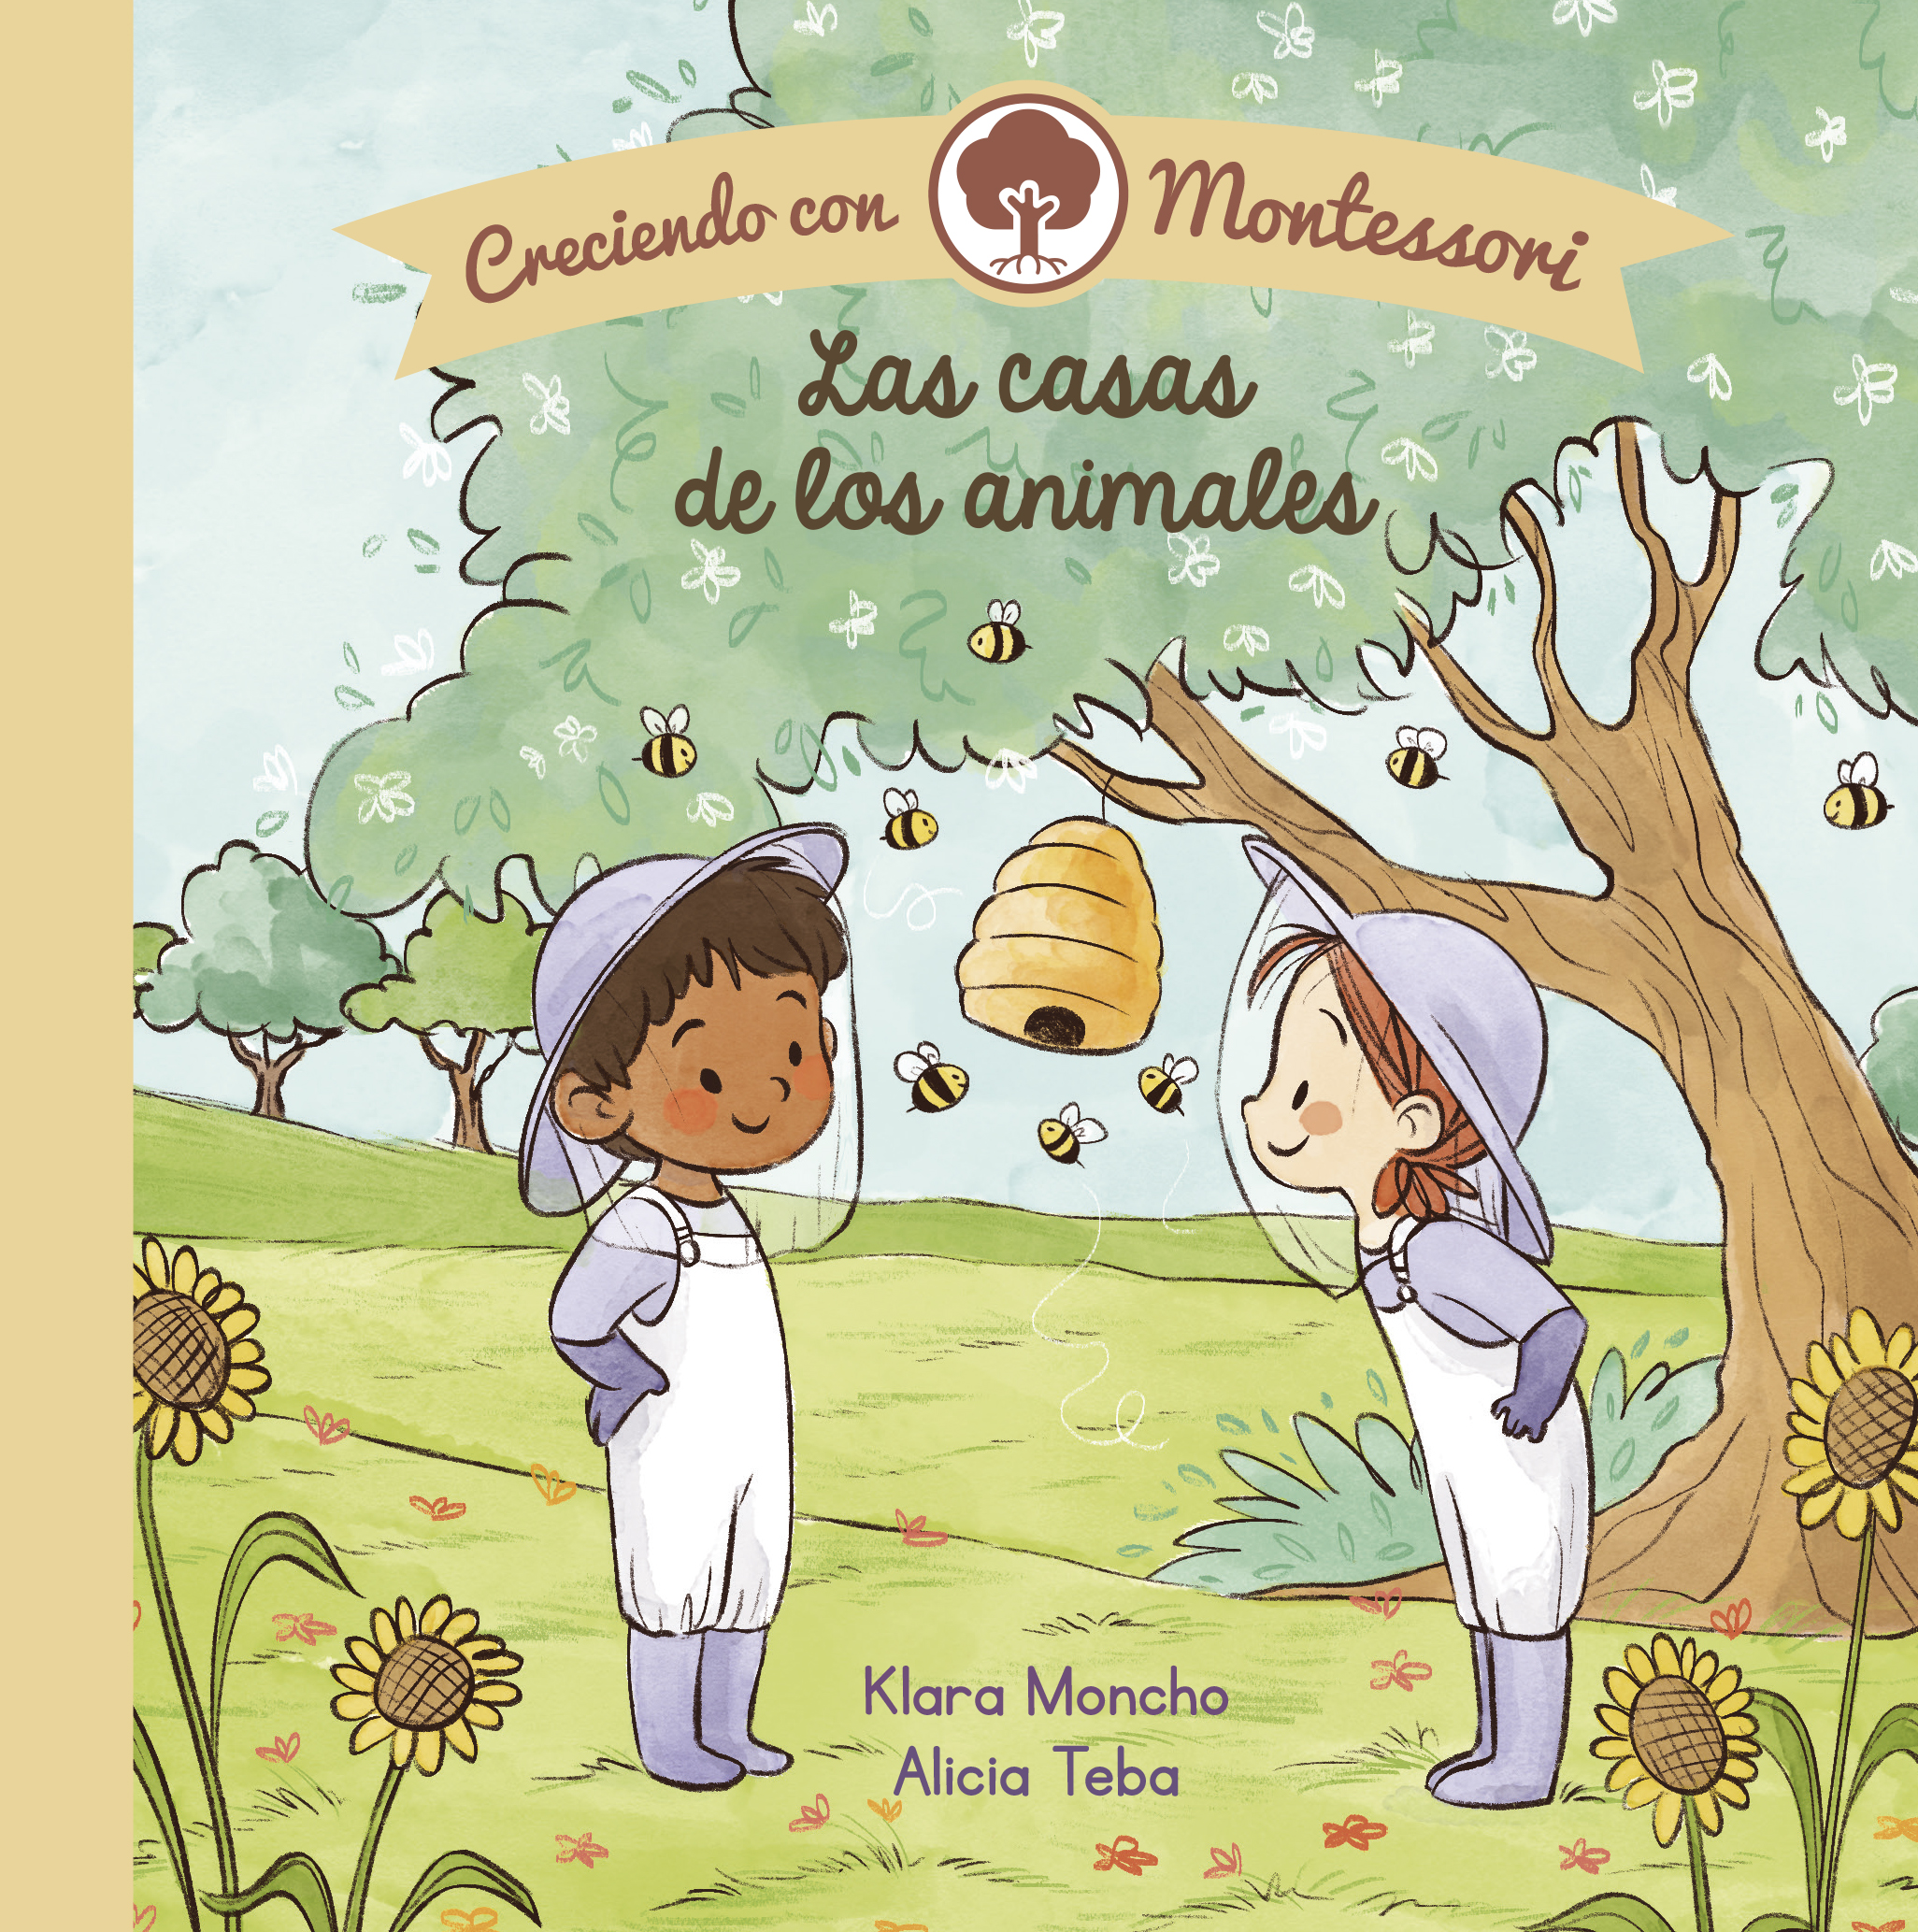 Creciendo Montessori: La Casa de los Animales - Klara Moncho/Alicia